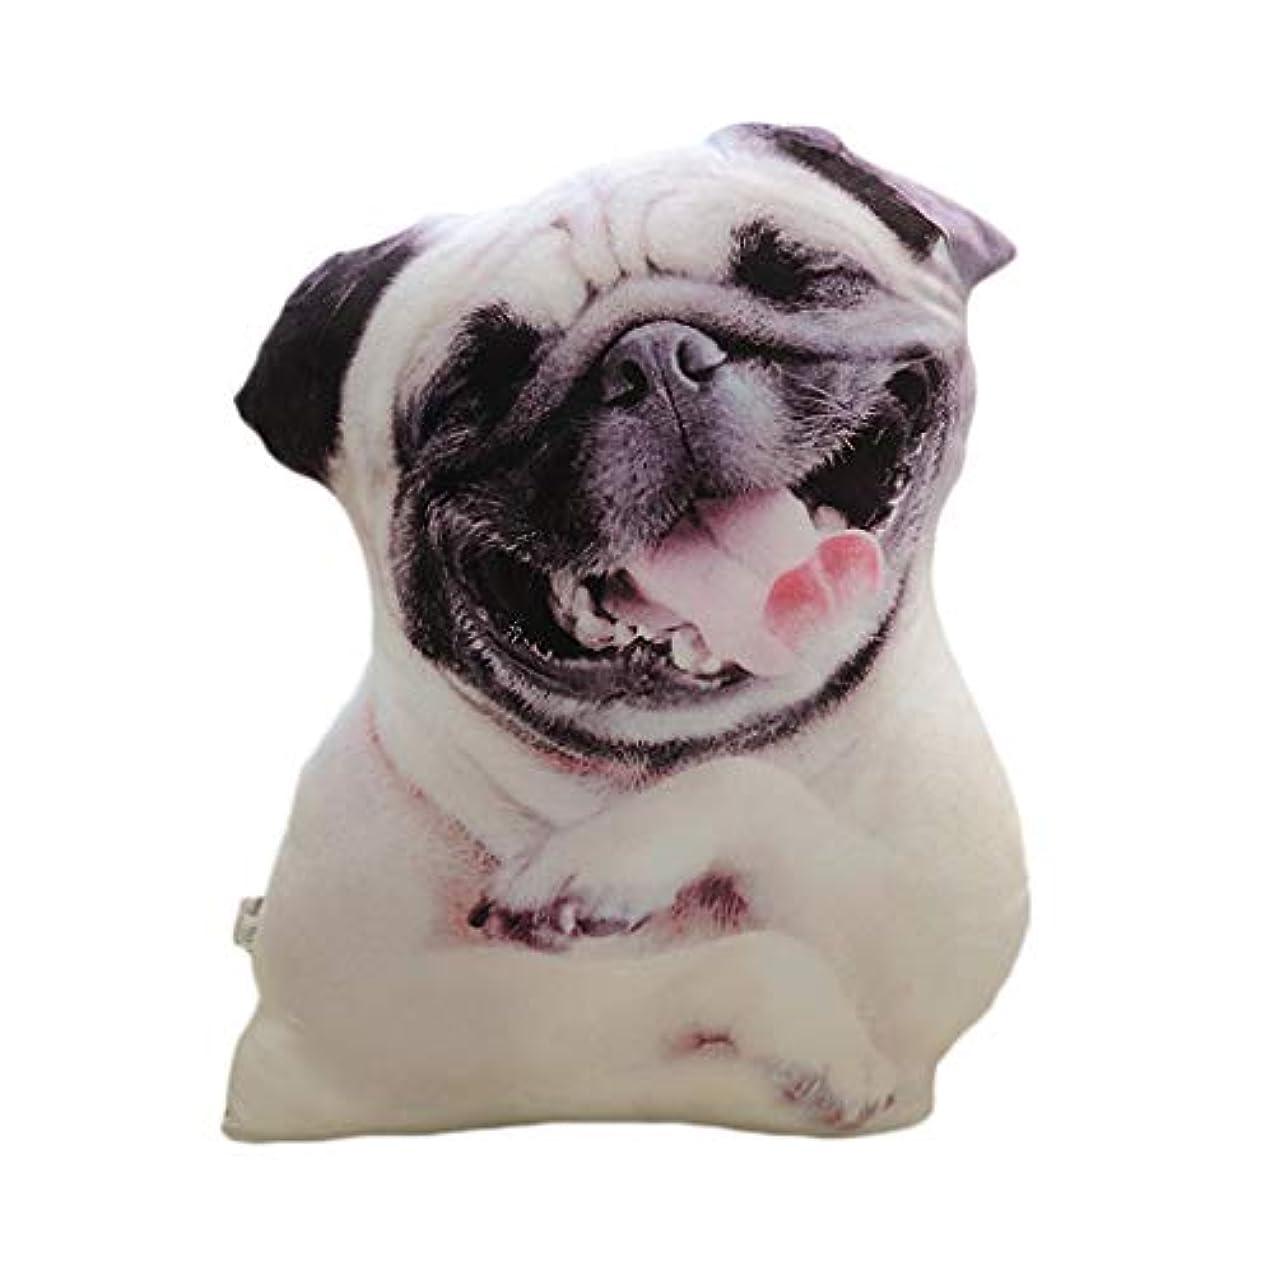 ハリウッド反発導入するLIFE 装飾クッションソファおかしい 3D 犬印刷スロー枕創造クッションかわいいぬいぐるみギフト家の装飾 coussin decoratif クッション 椅子